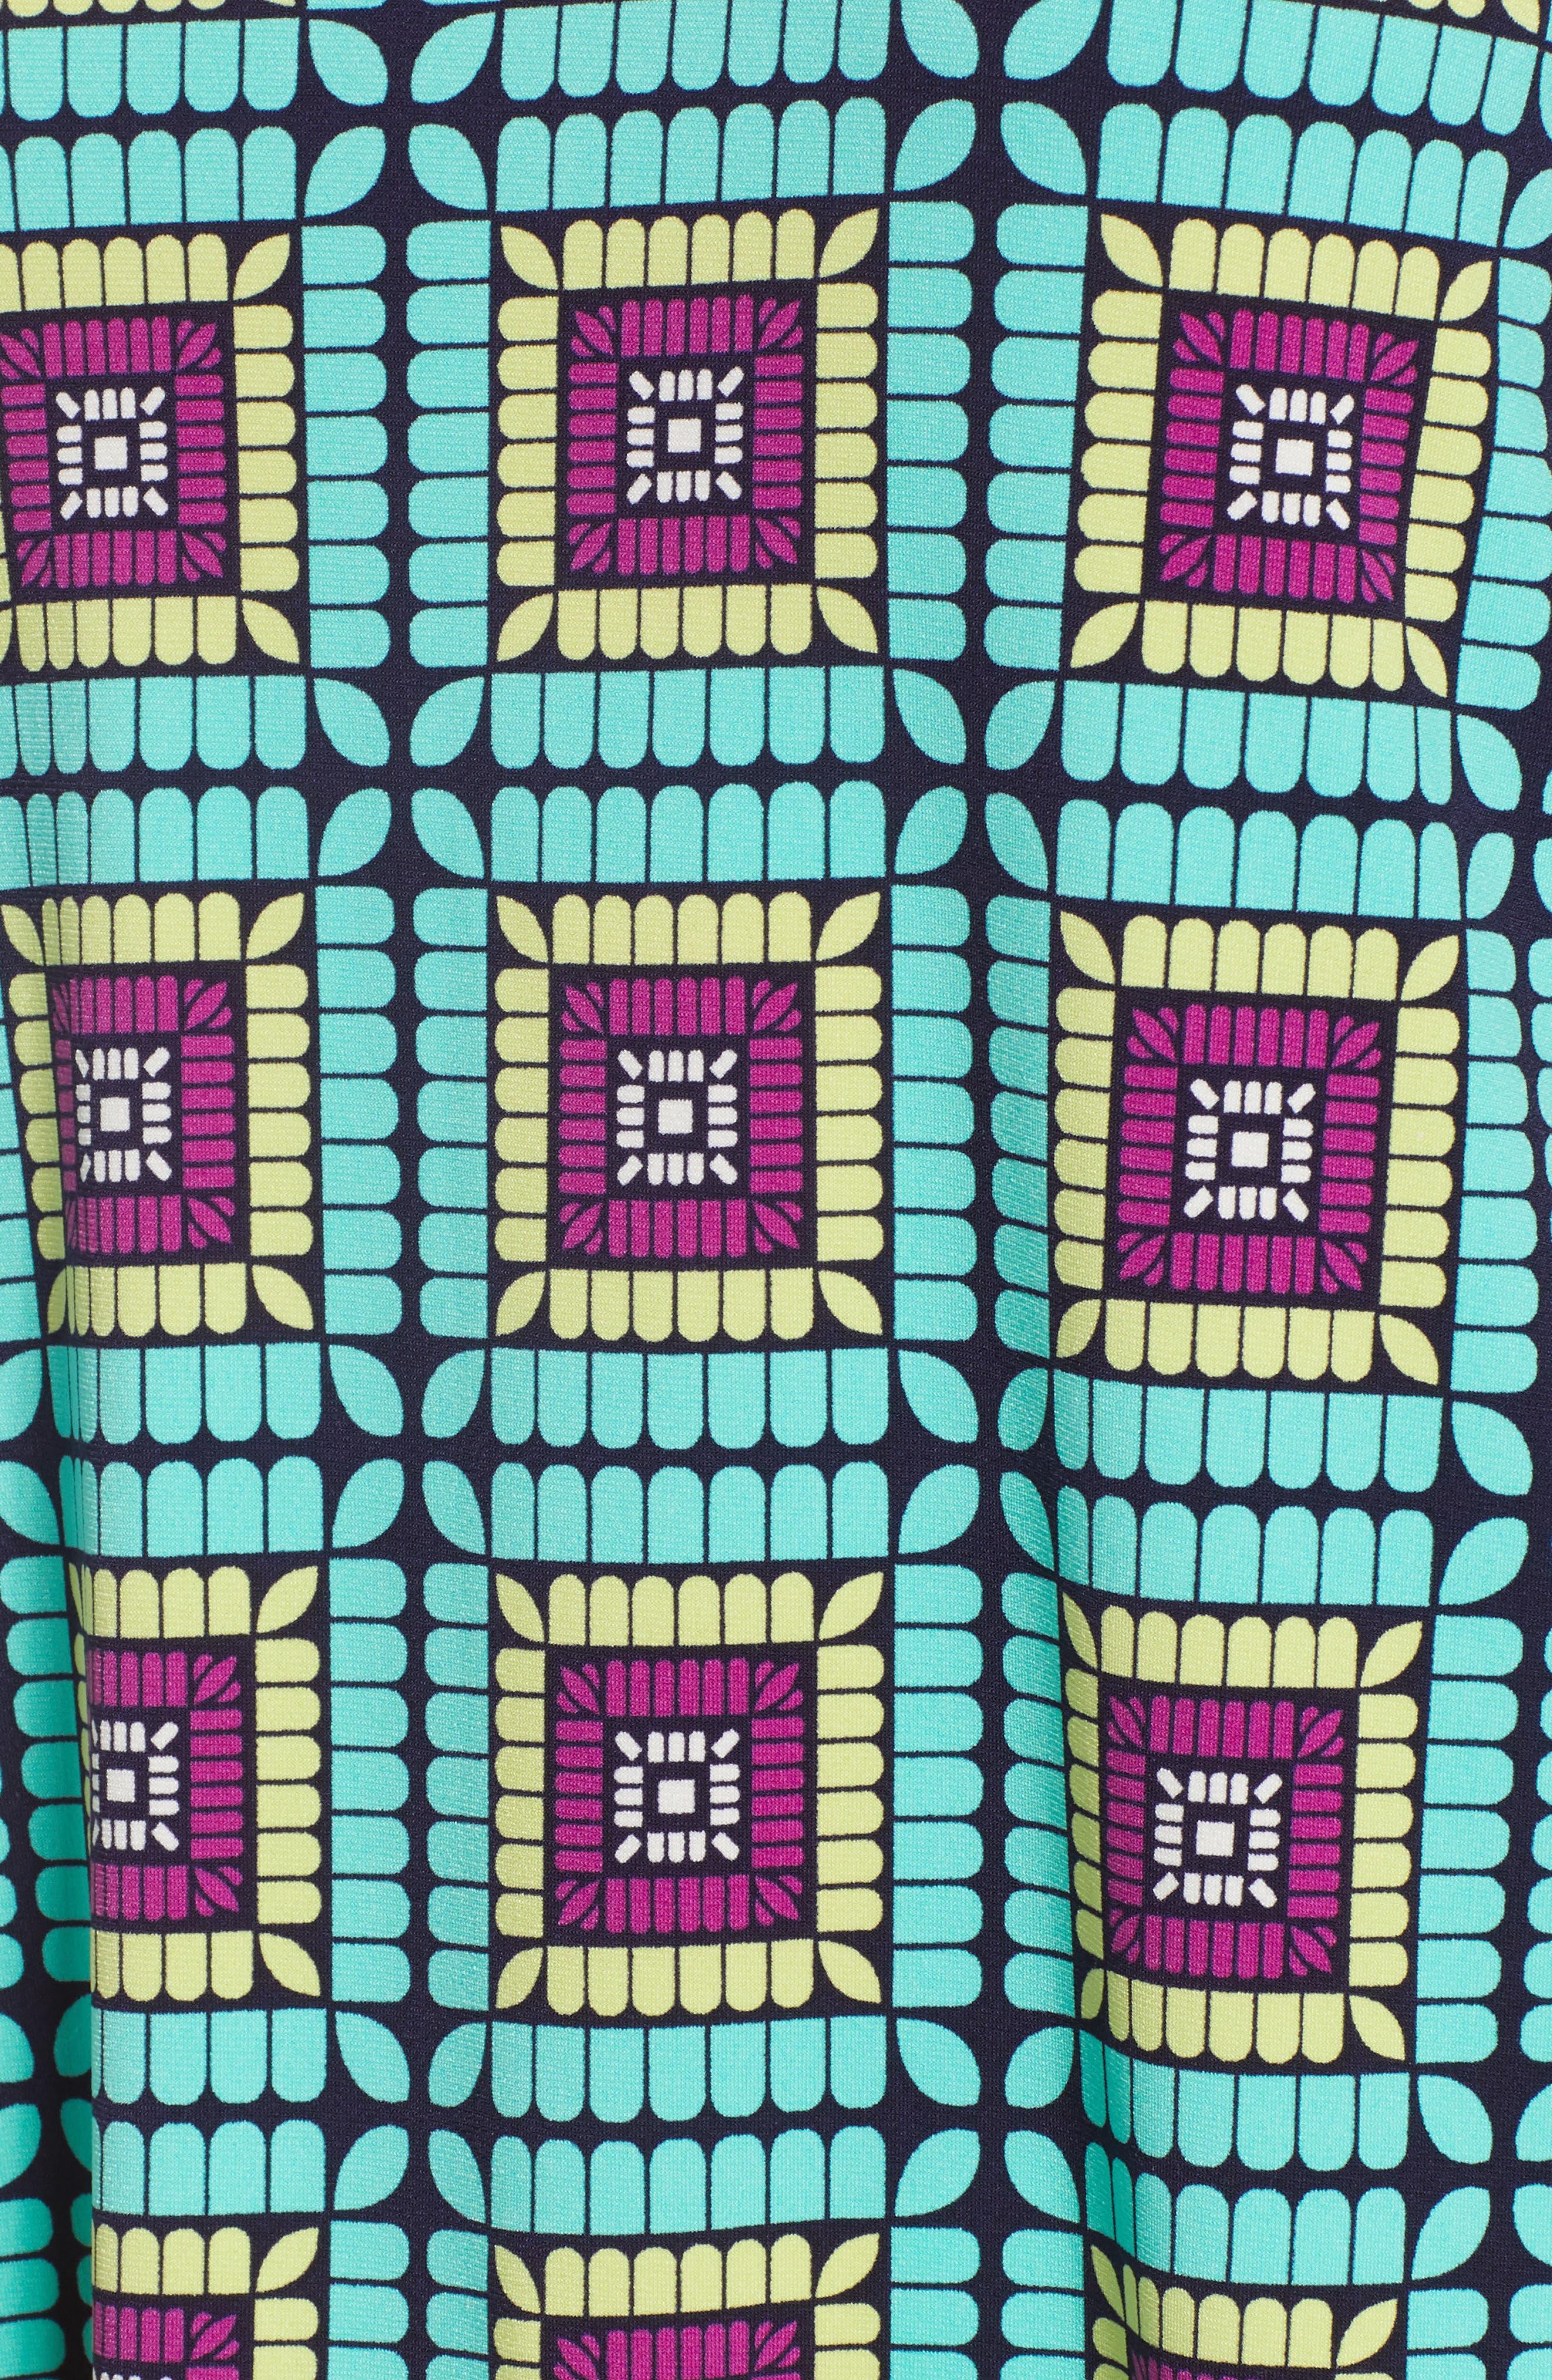 Plaza Tile Cold Shoulder Top,                             Alternate thumbnail 6, color,                             CASBAH TEAL